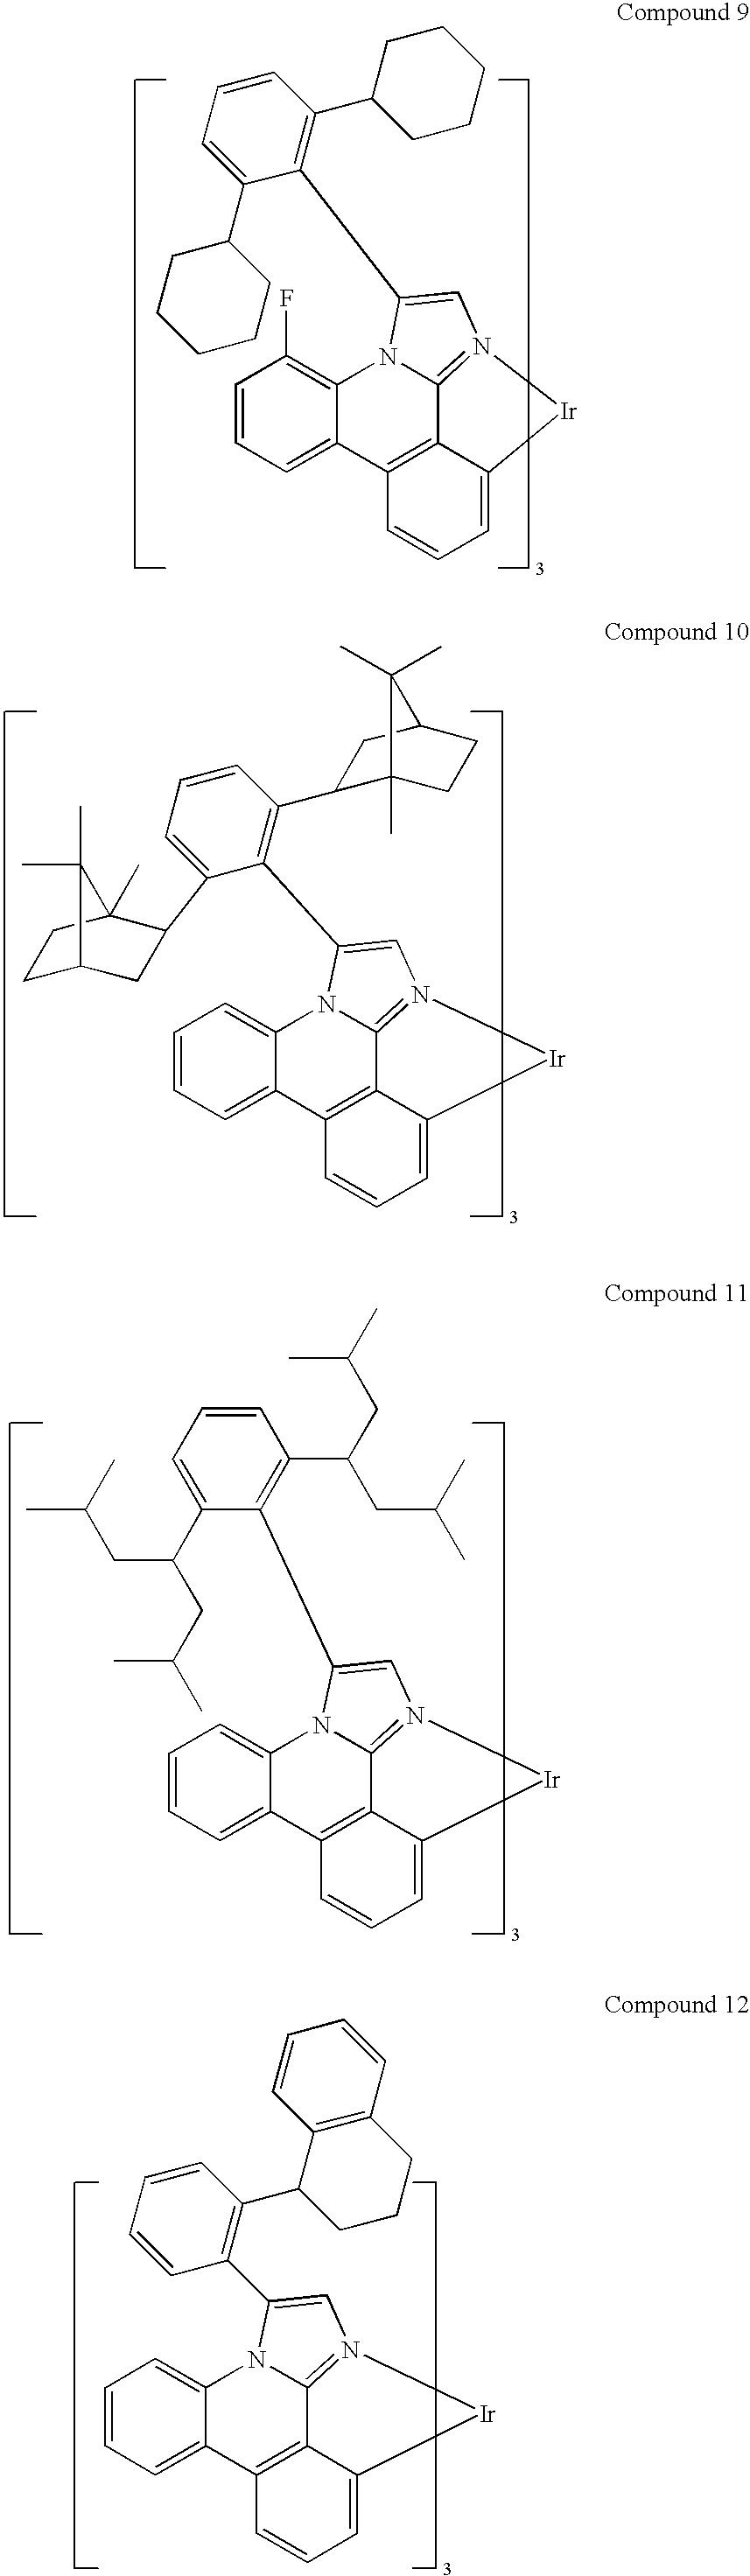 Figure US20100148663A1-20100617-C00009